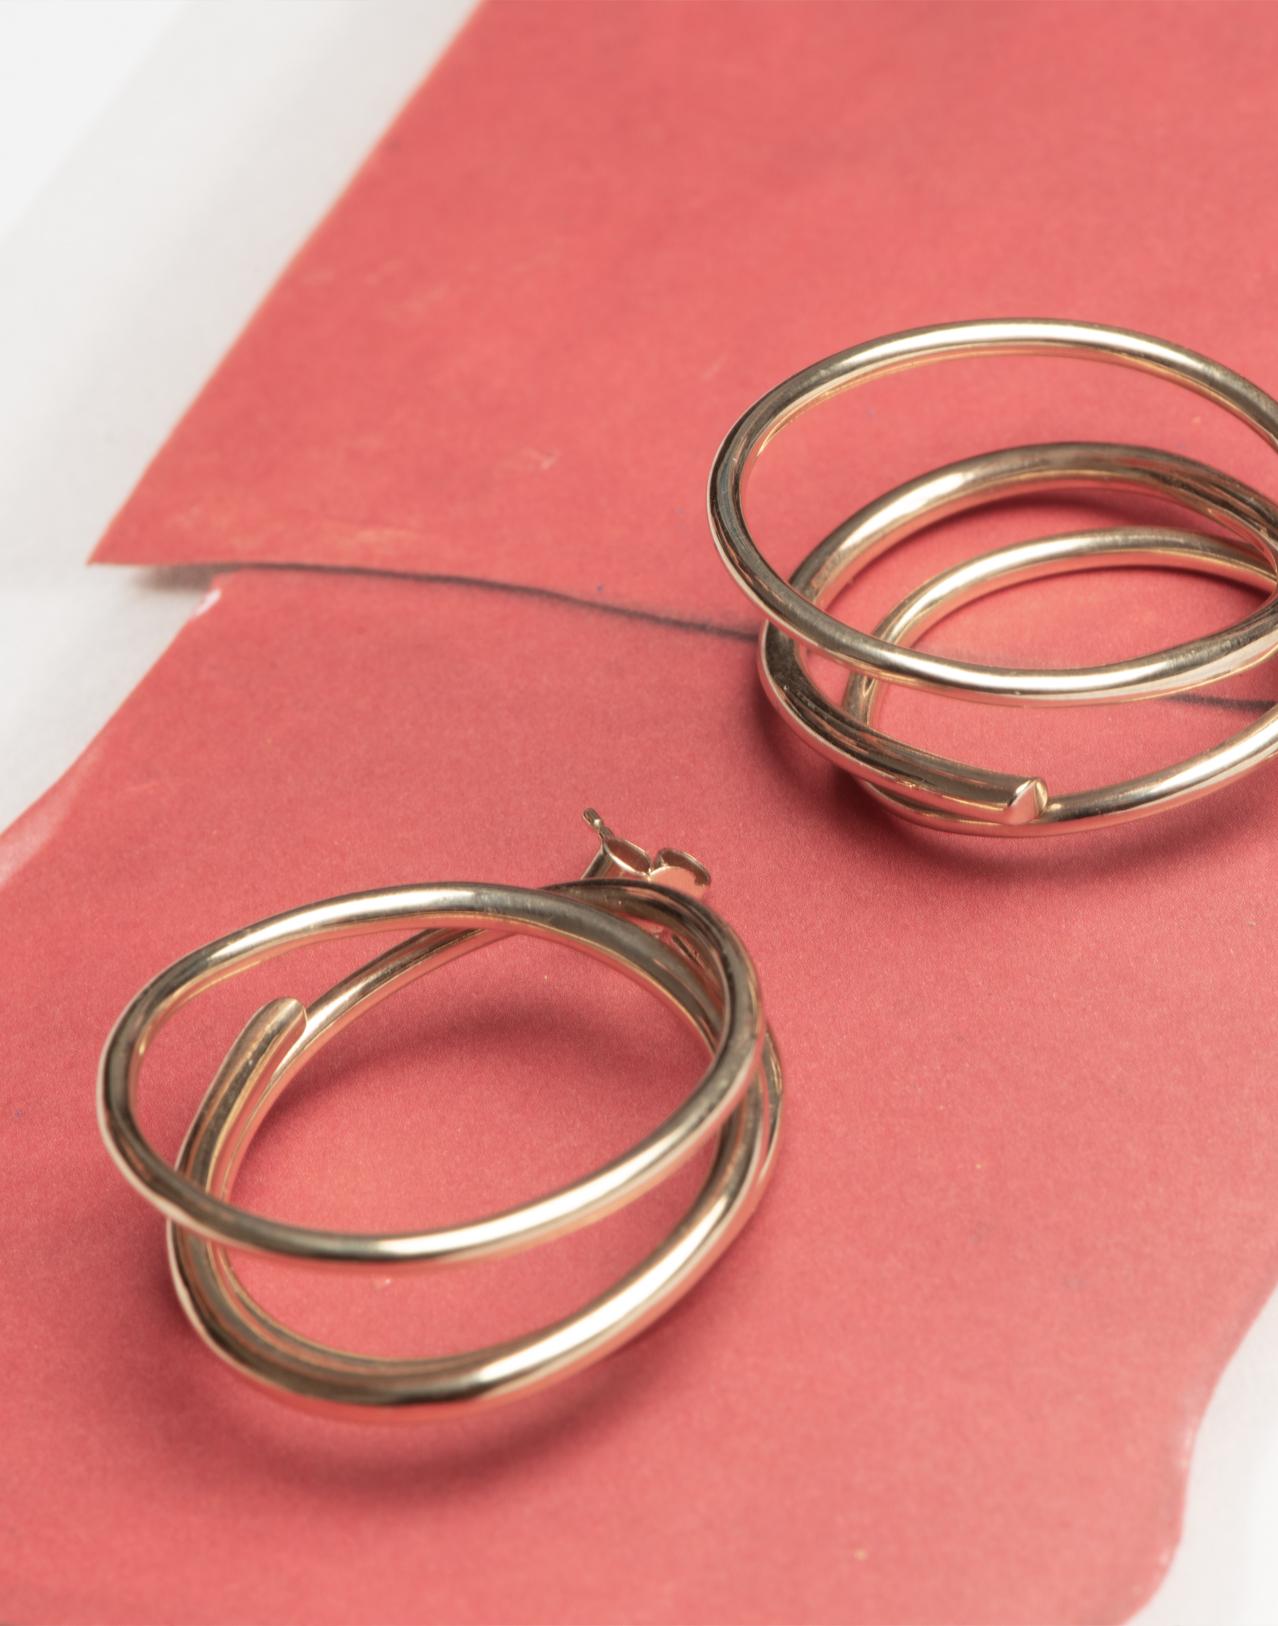 Completedworks-Flow-II-Gold-Vermeil-Earrings-3.jpg